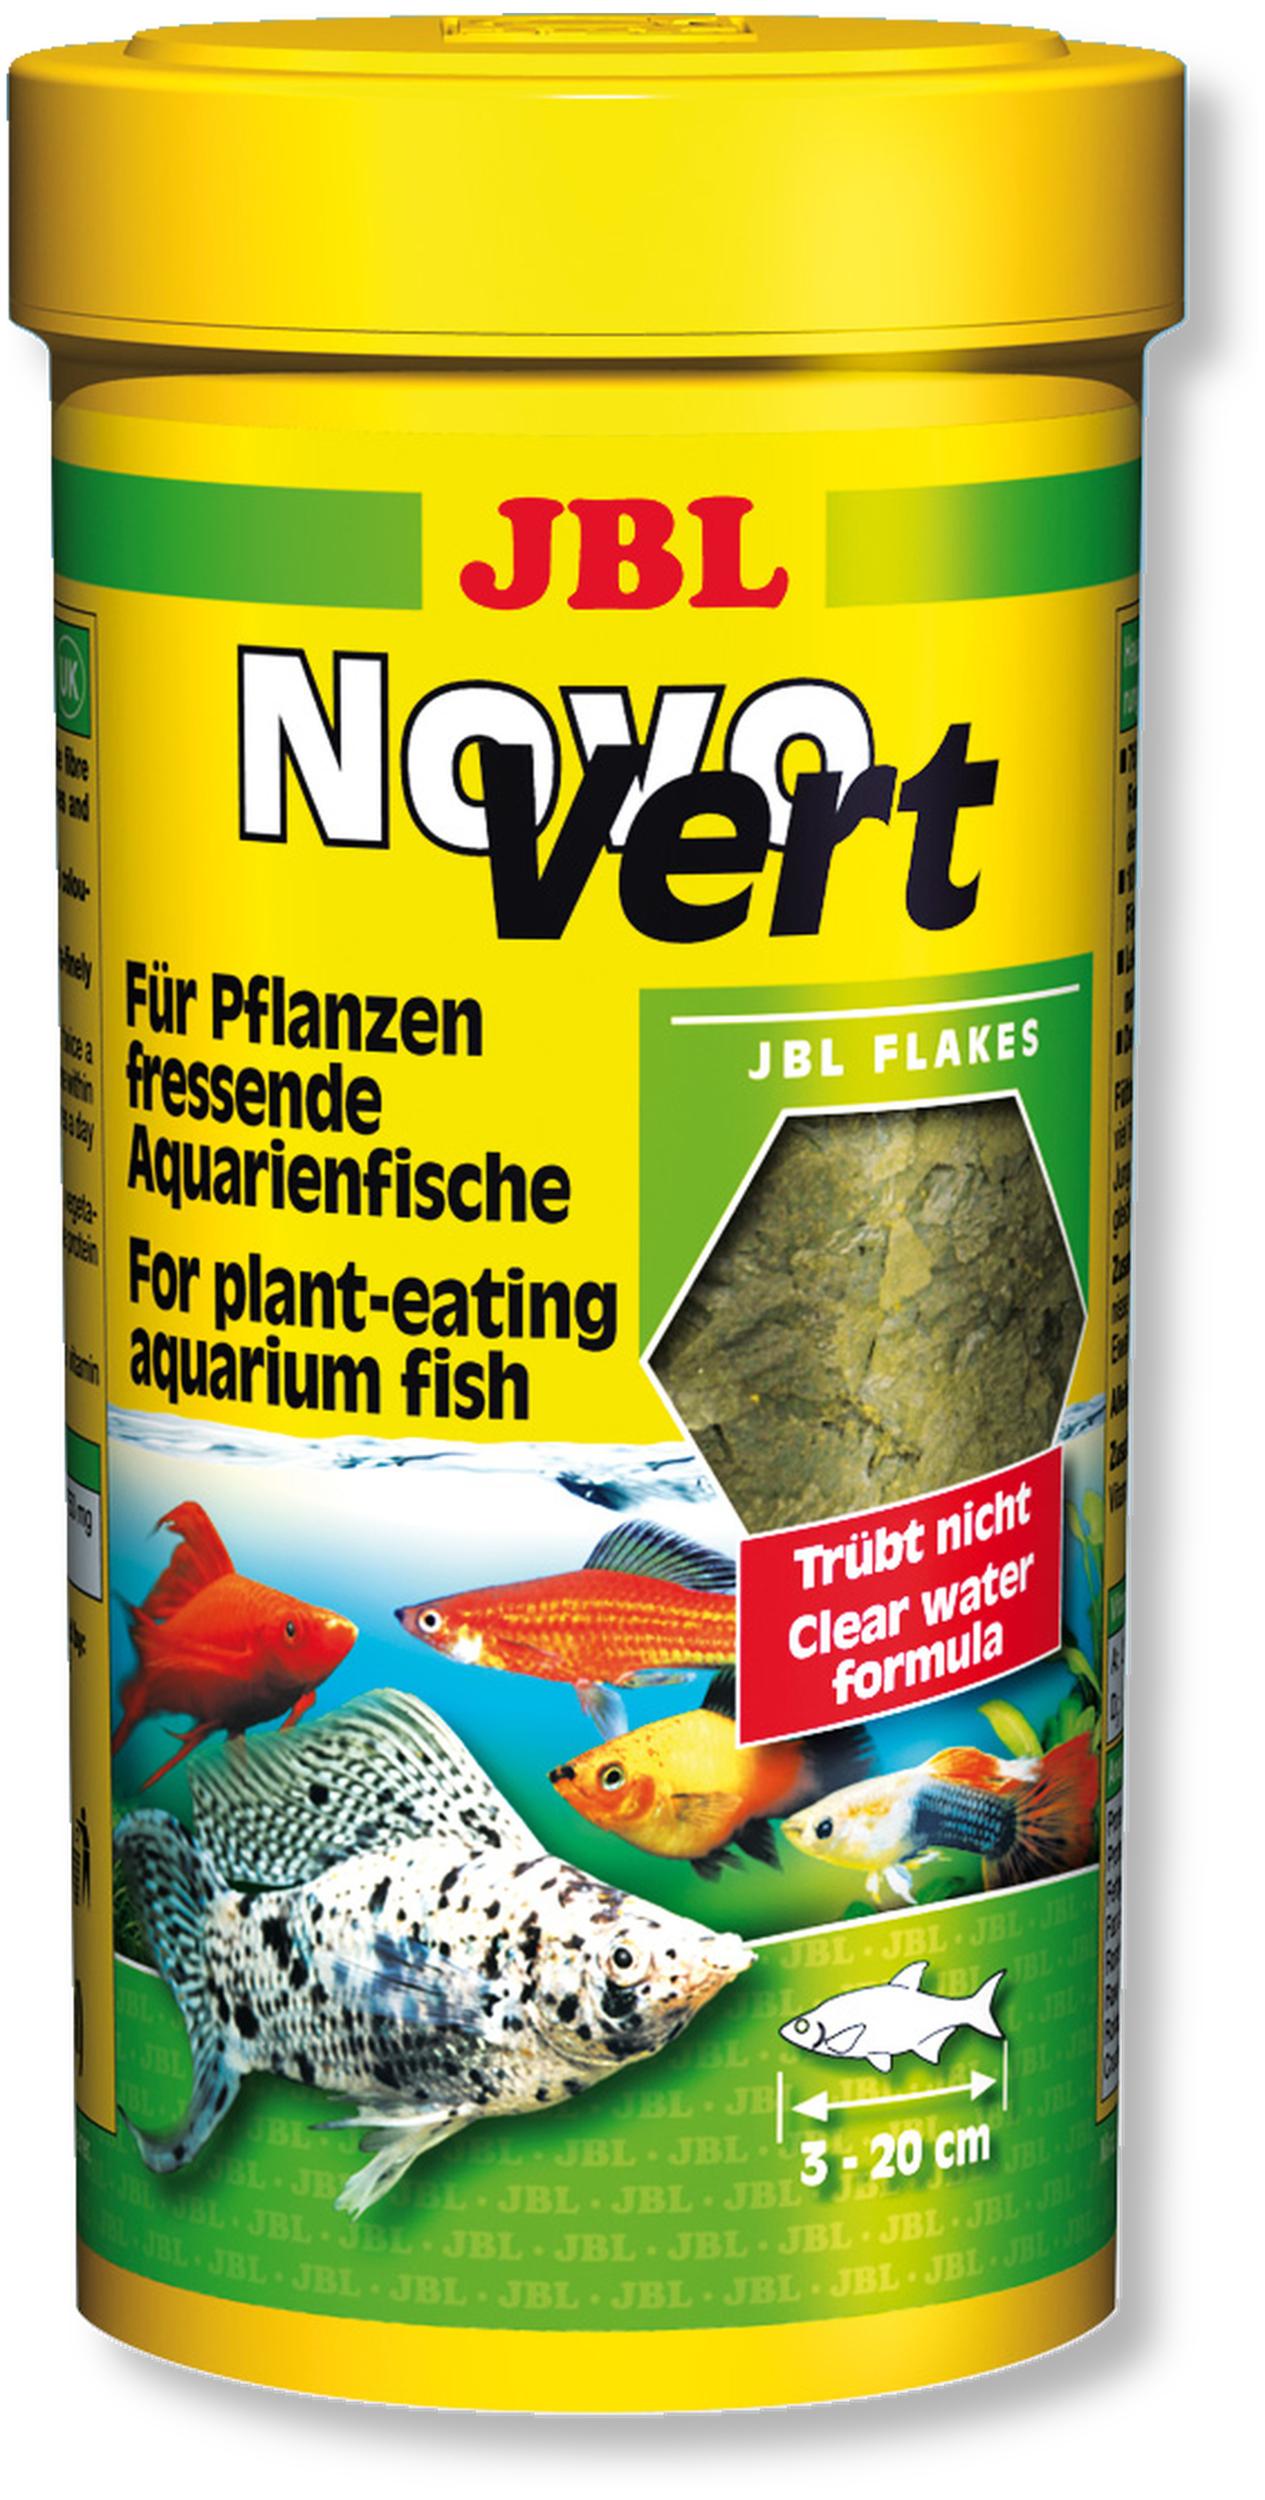 JBL Novo Vert 250 ml flocons de spirulines au plancton pour poissons herbivores